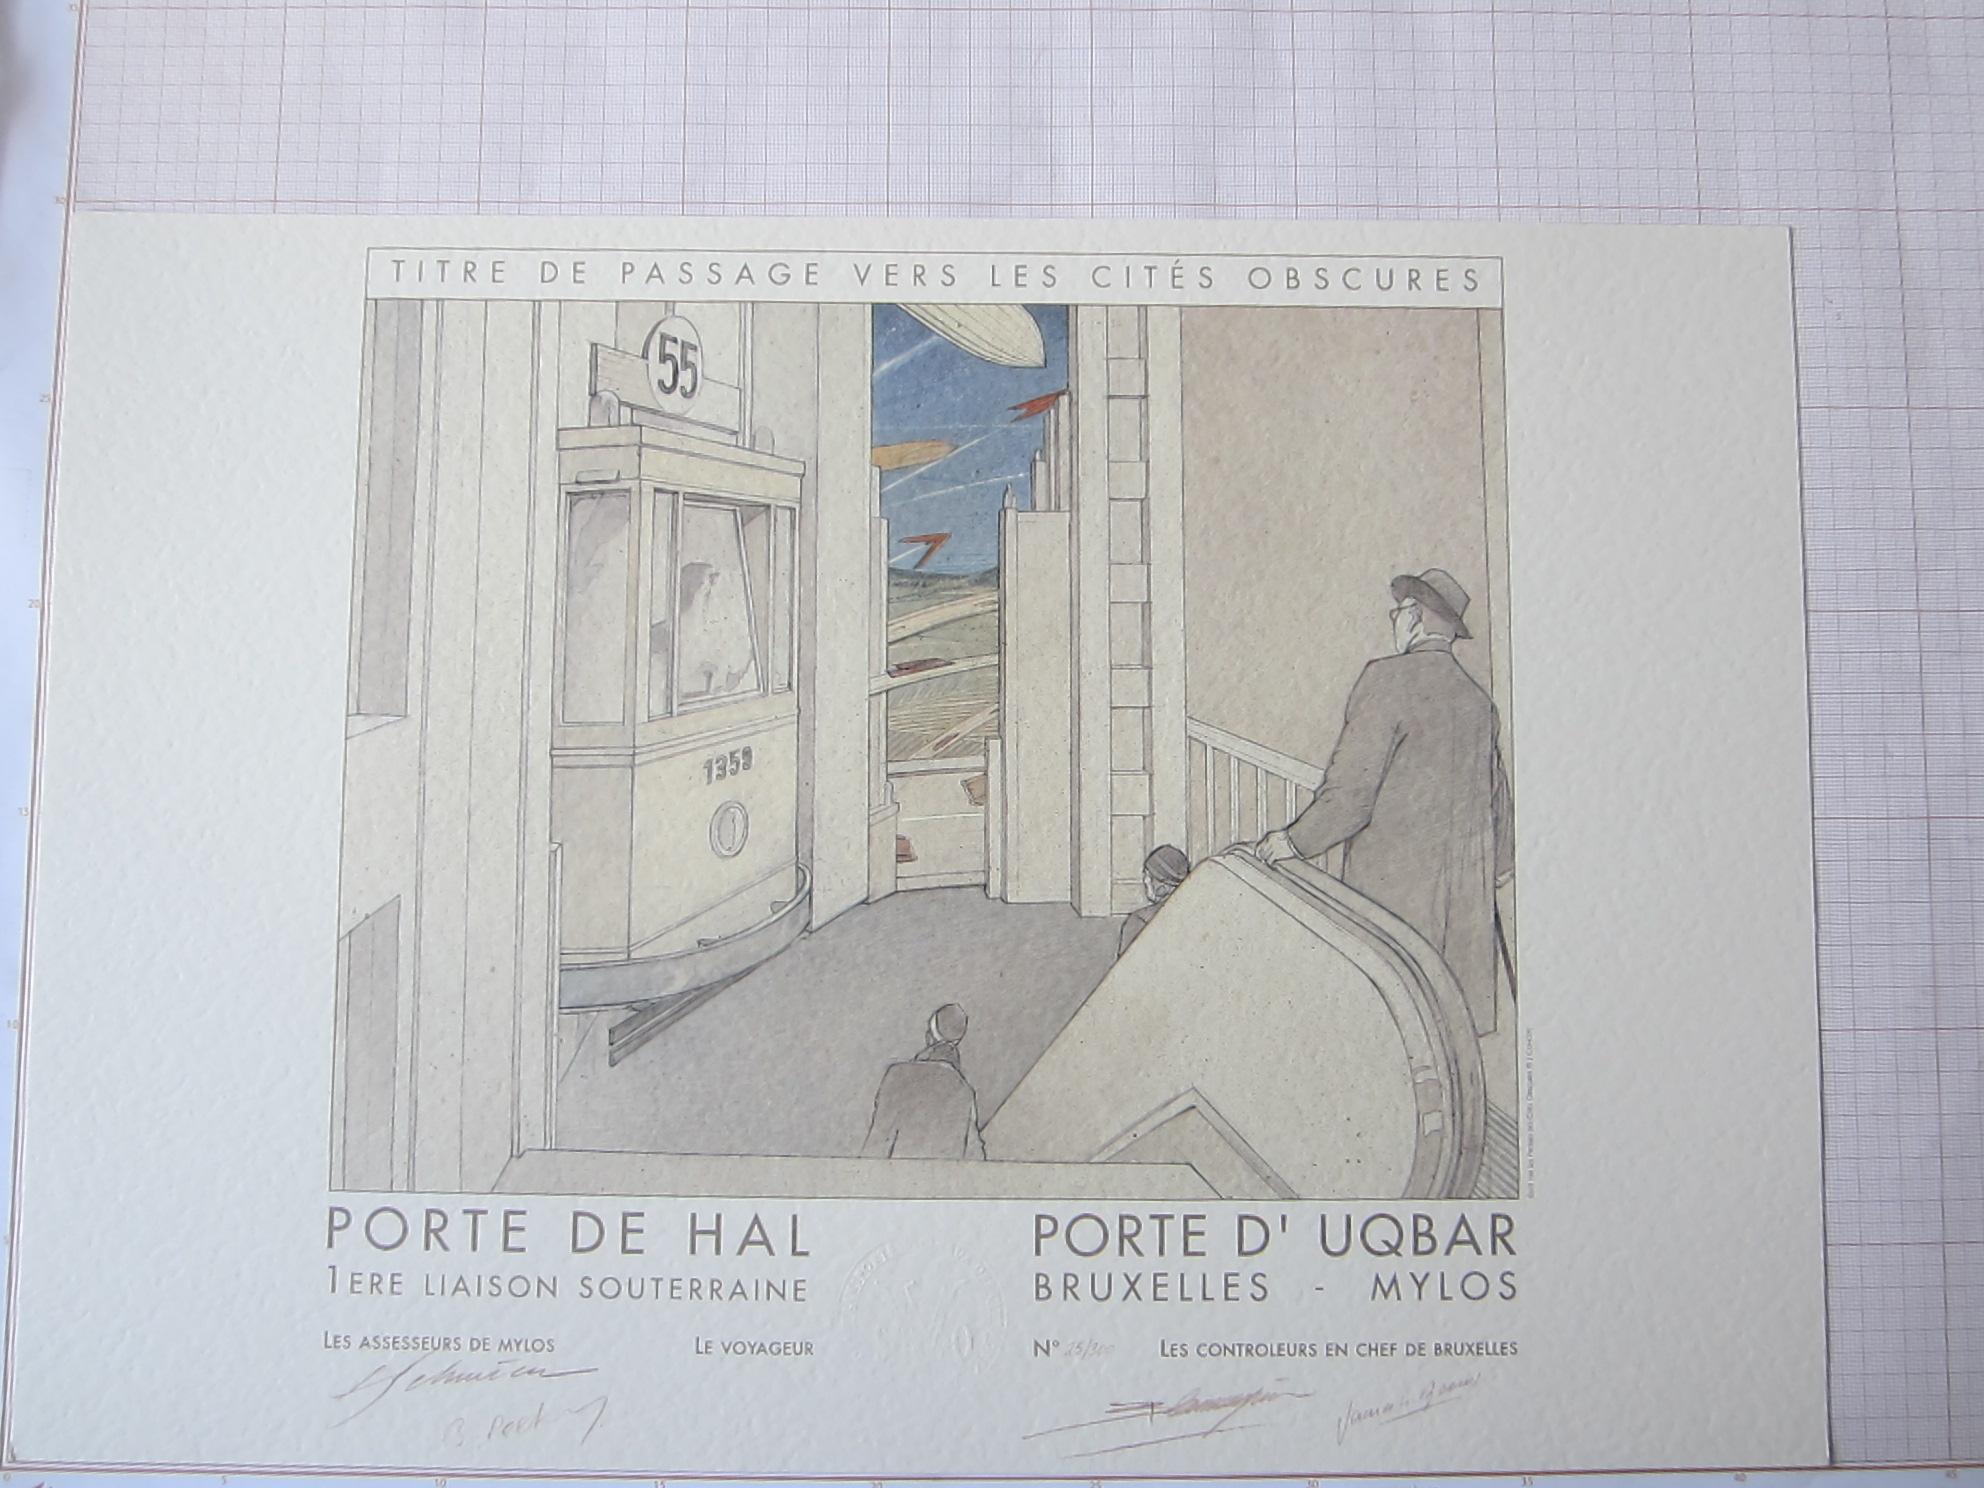 Titre de passage vers les Cités Obscures. Porte de Hal - Porte d'Uqbar© François Schuiten / Benoît Peeters , 1993